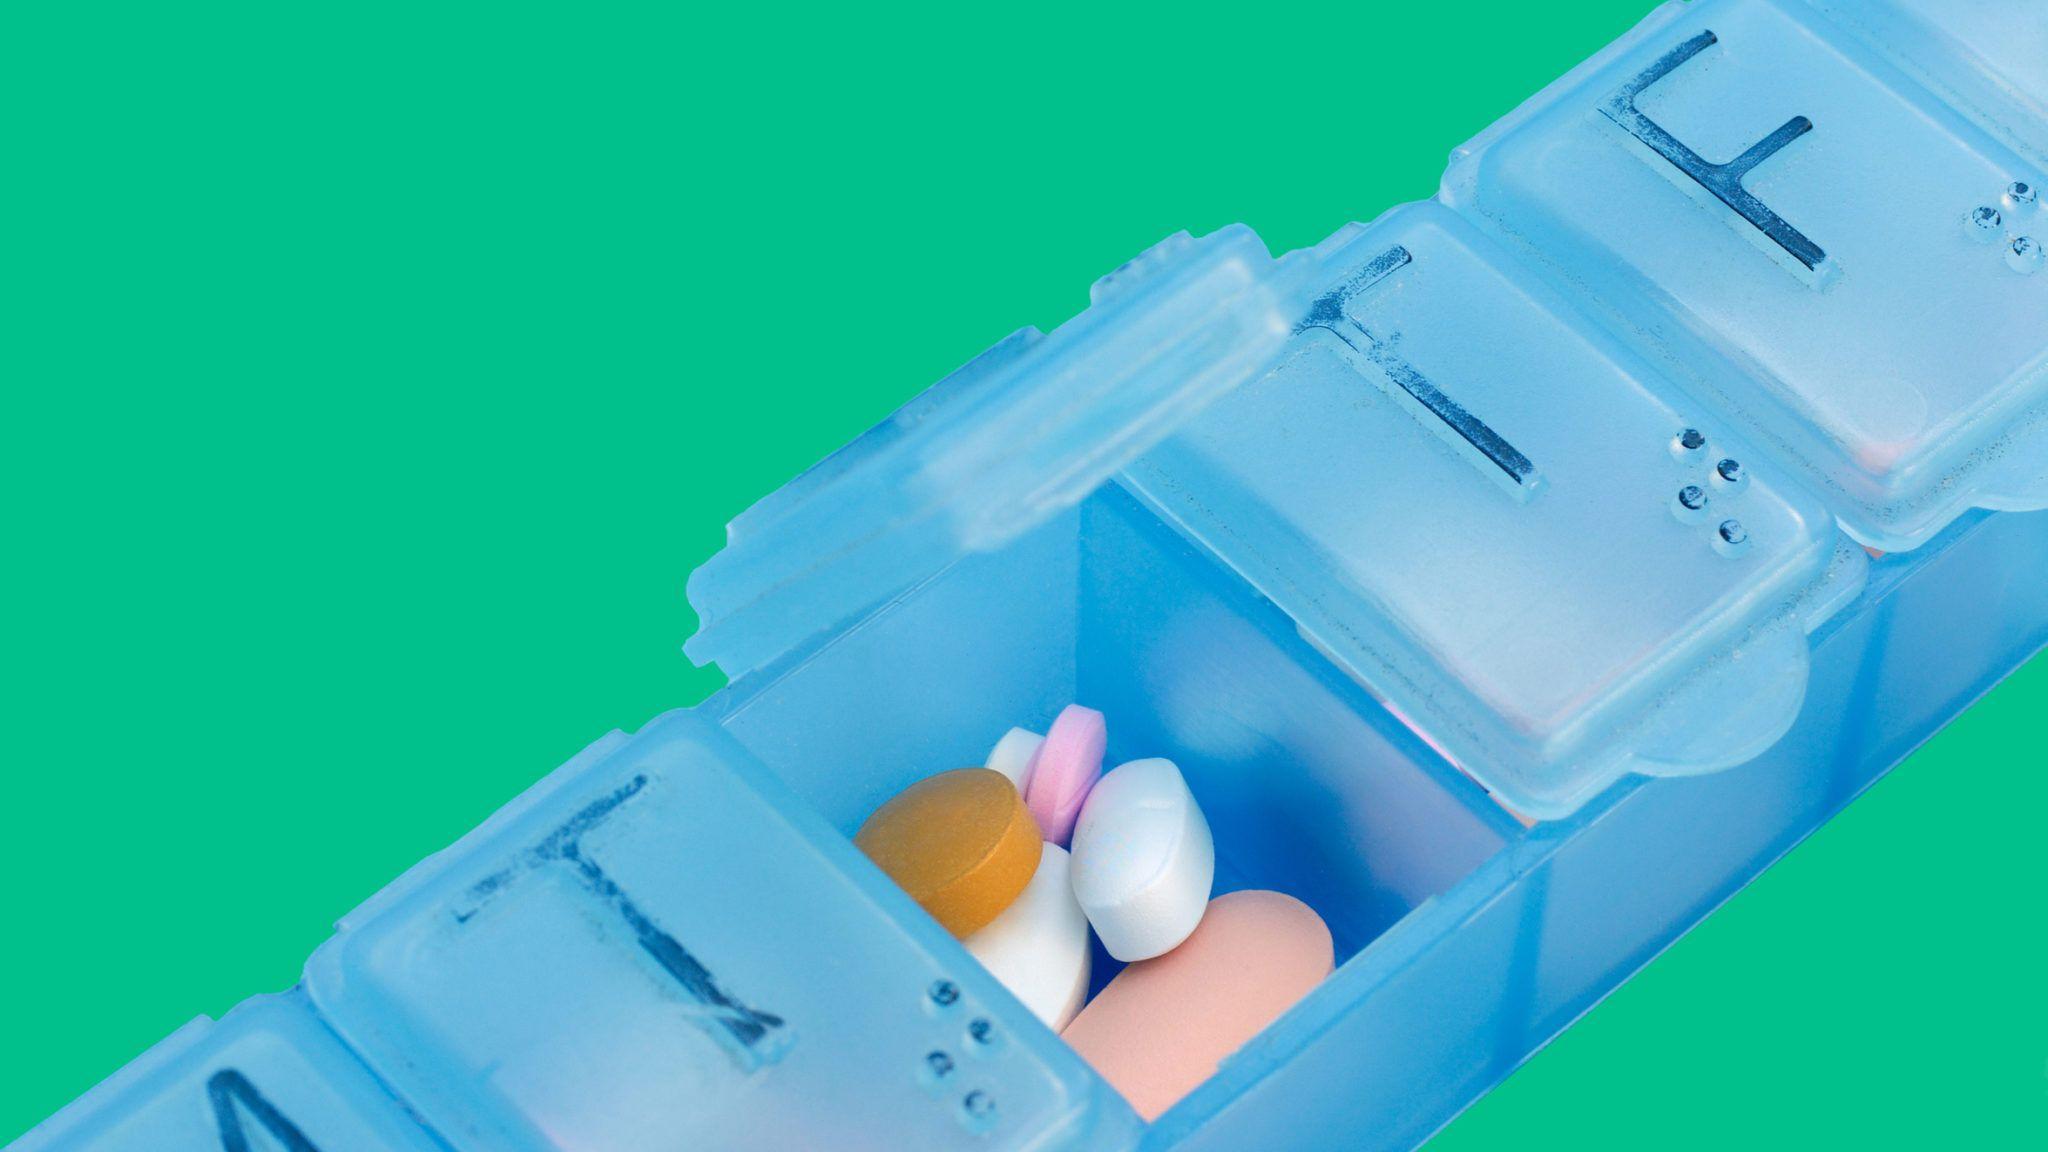 Антибиотики: пить, пока не кончатся?